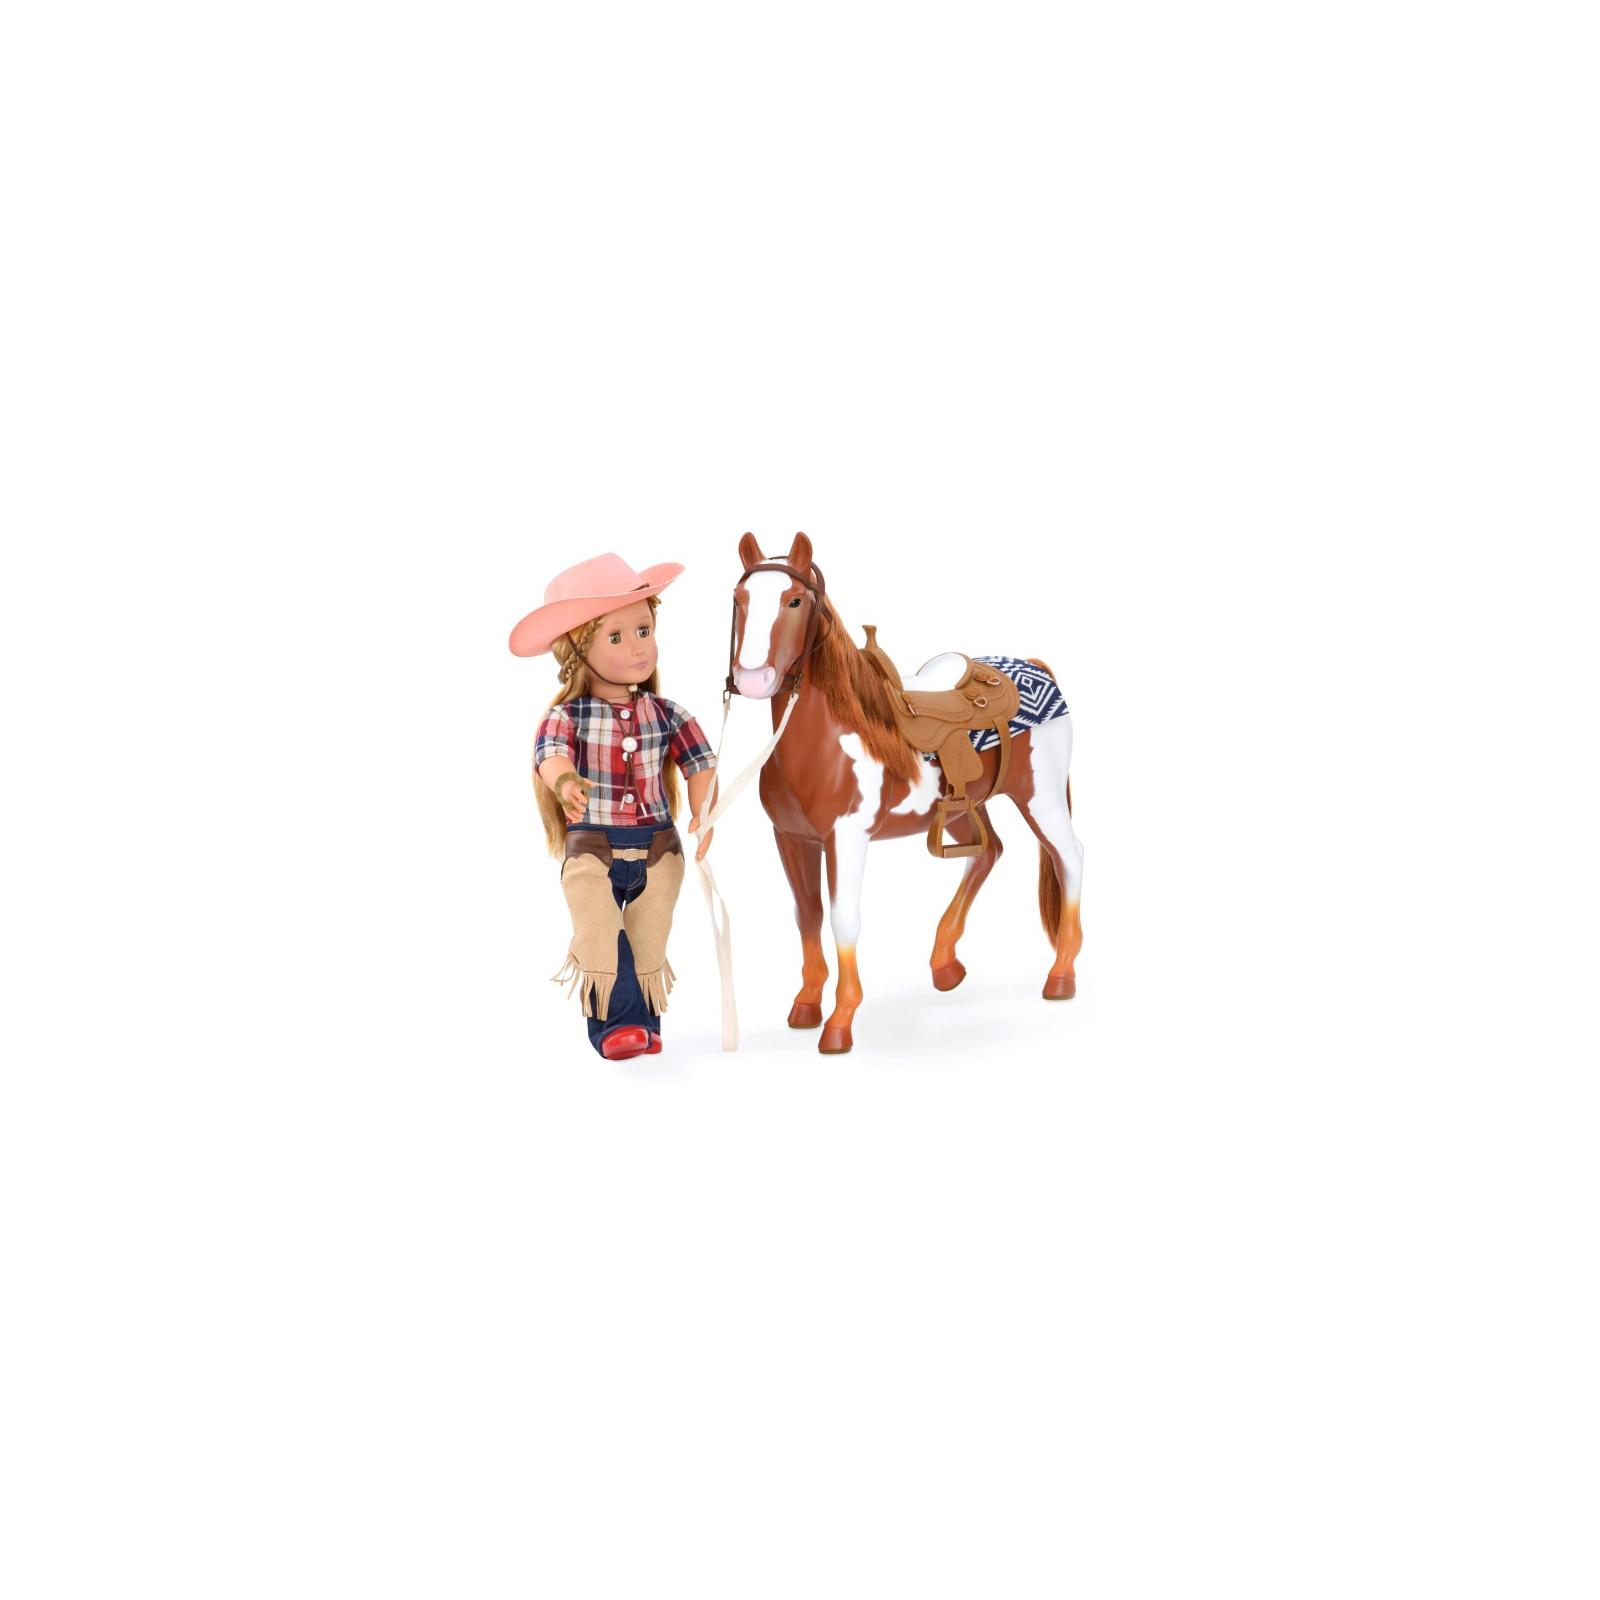 Аксесуар до ляльки Our Generation Родео (BD37284Z) зображення 2